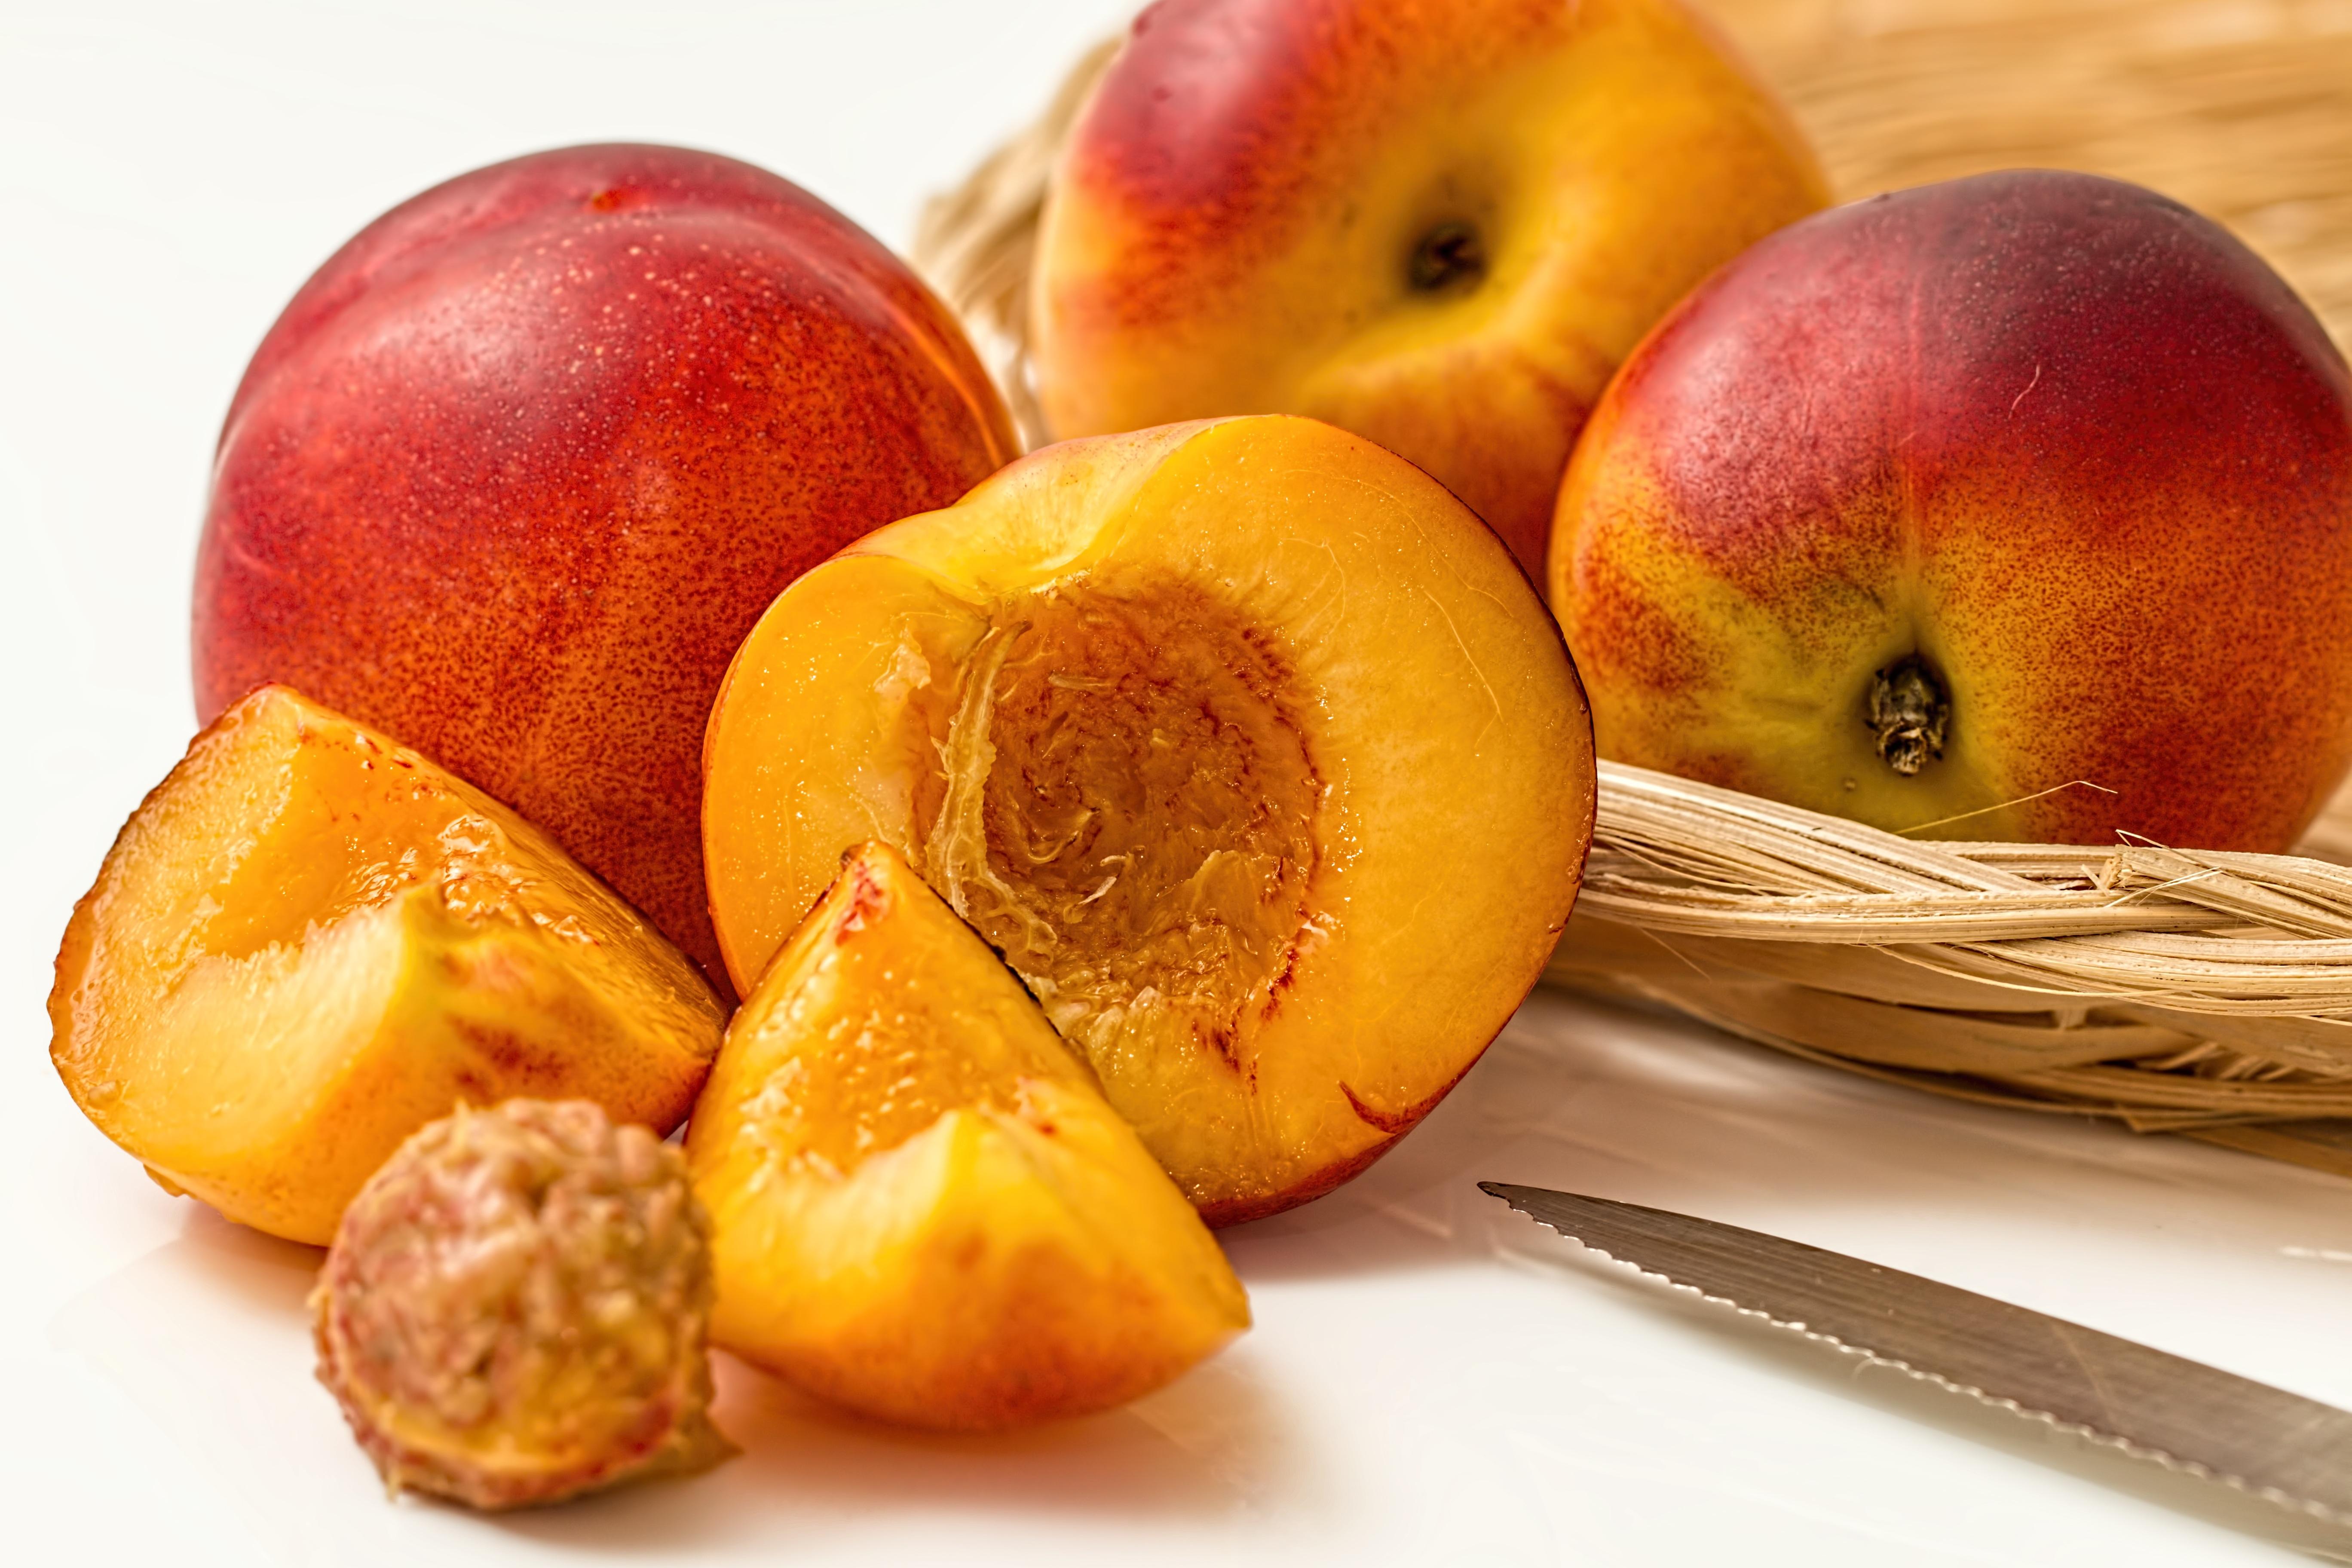 segar kuning berair vitamin Persik lezat ve arian gugur mentah t organik tanaman berbunga keluarga mawar buah musim panas nectarine